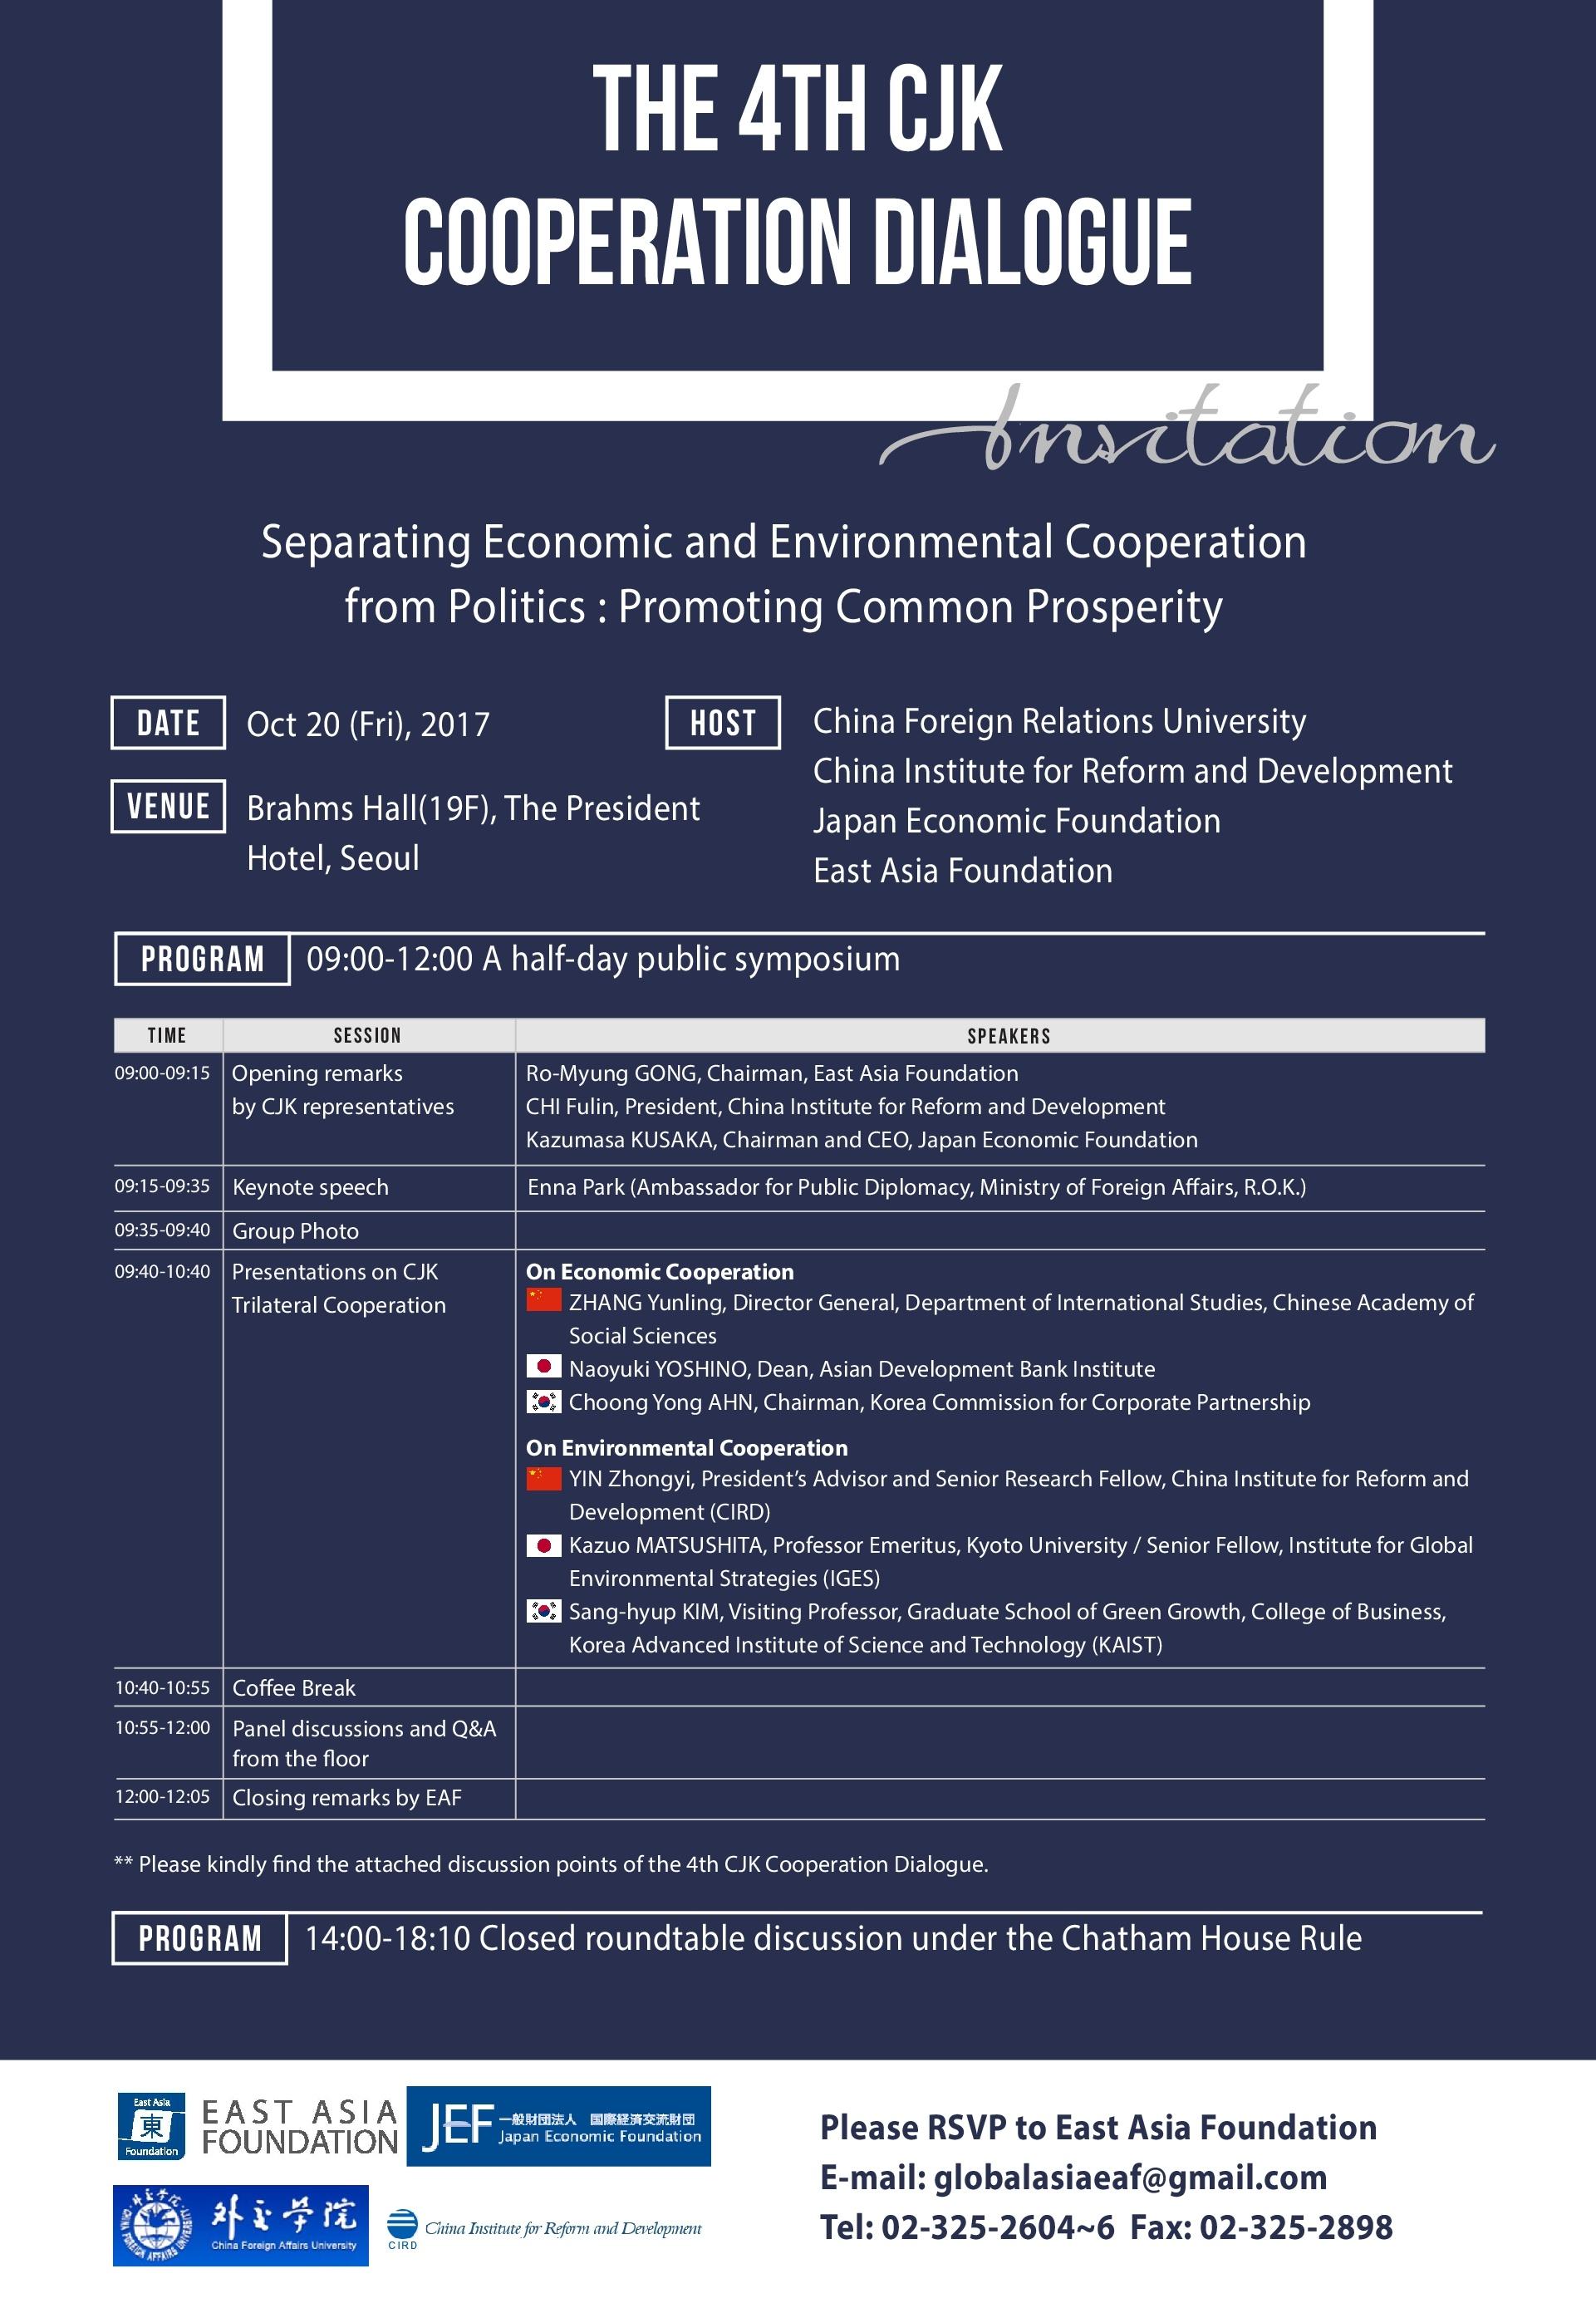 Invitation_4th_CJK_Cooperation_Dialogue-001.jpg